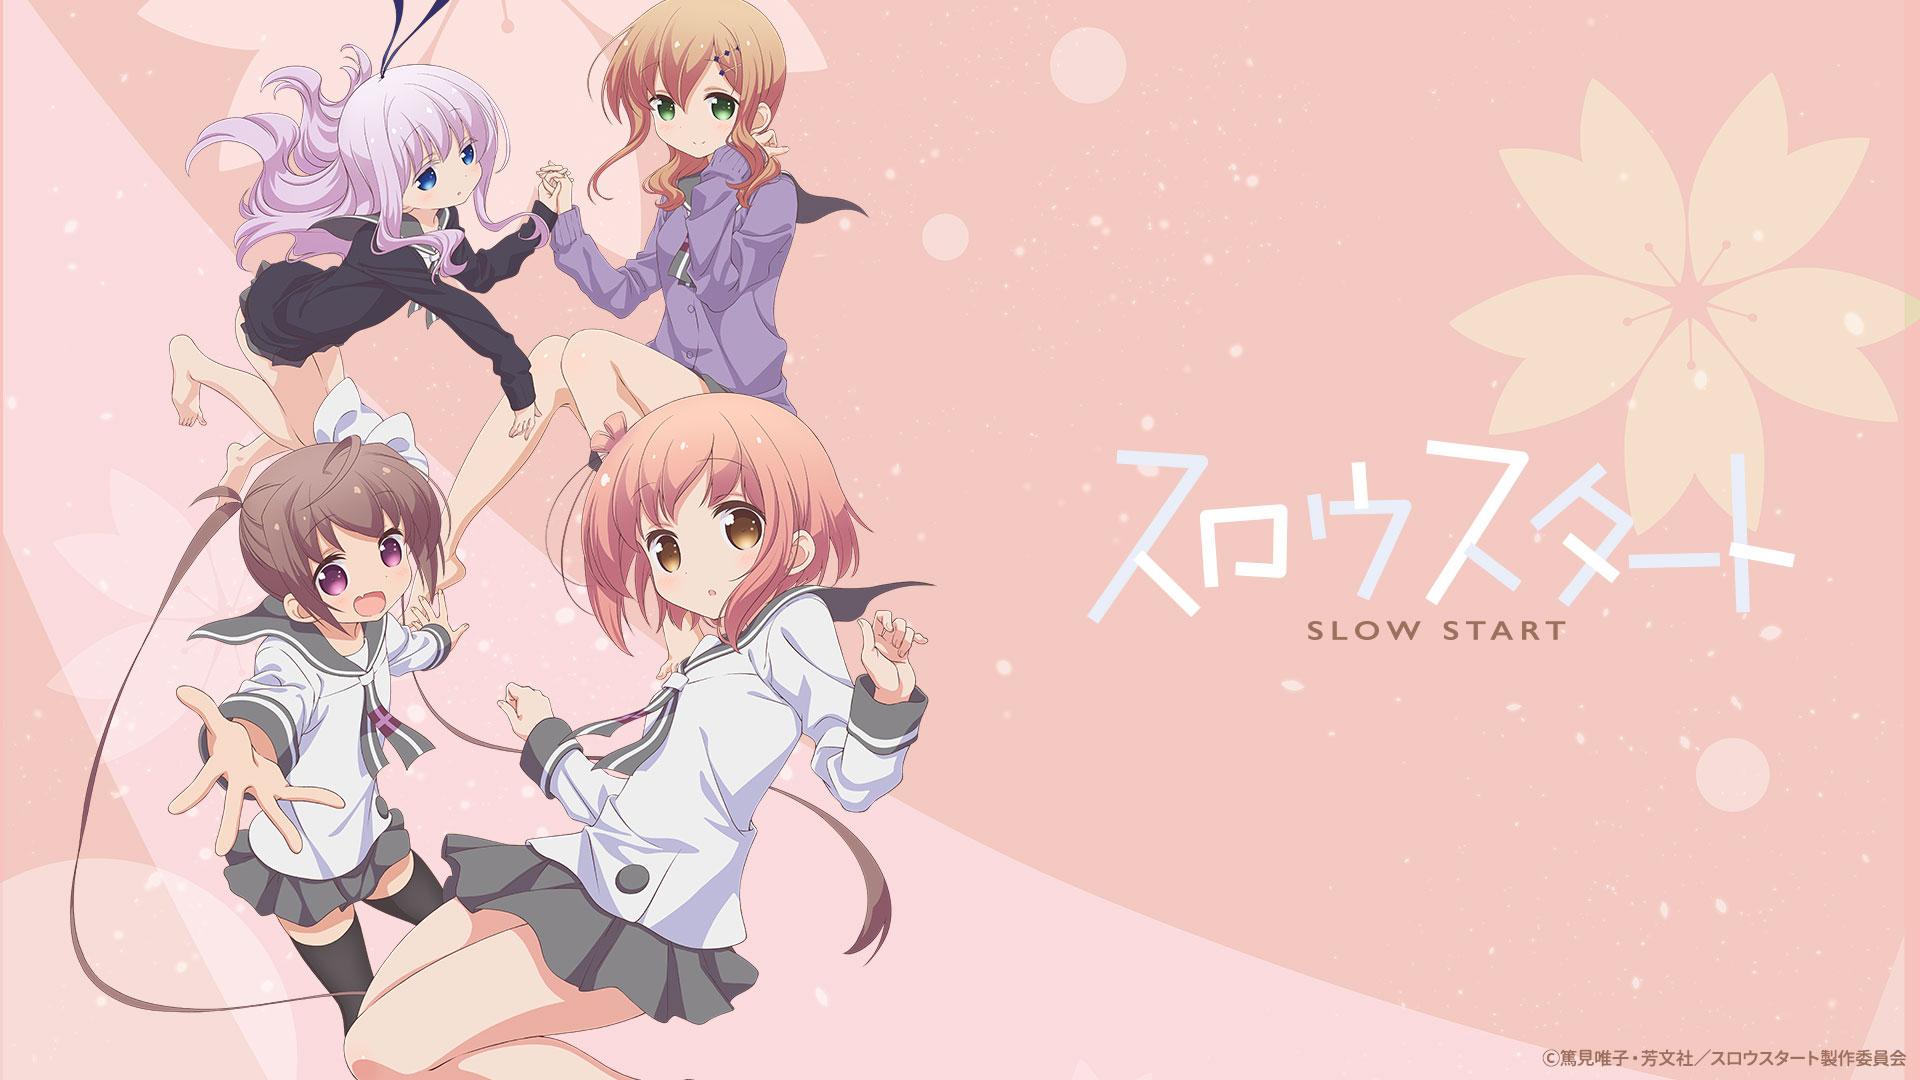 スペシャル Tvアニメ スロウスタート 公式サイト